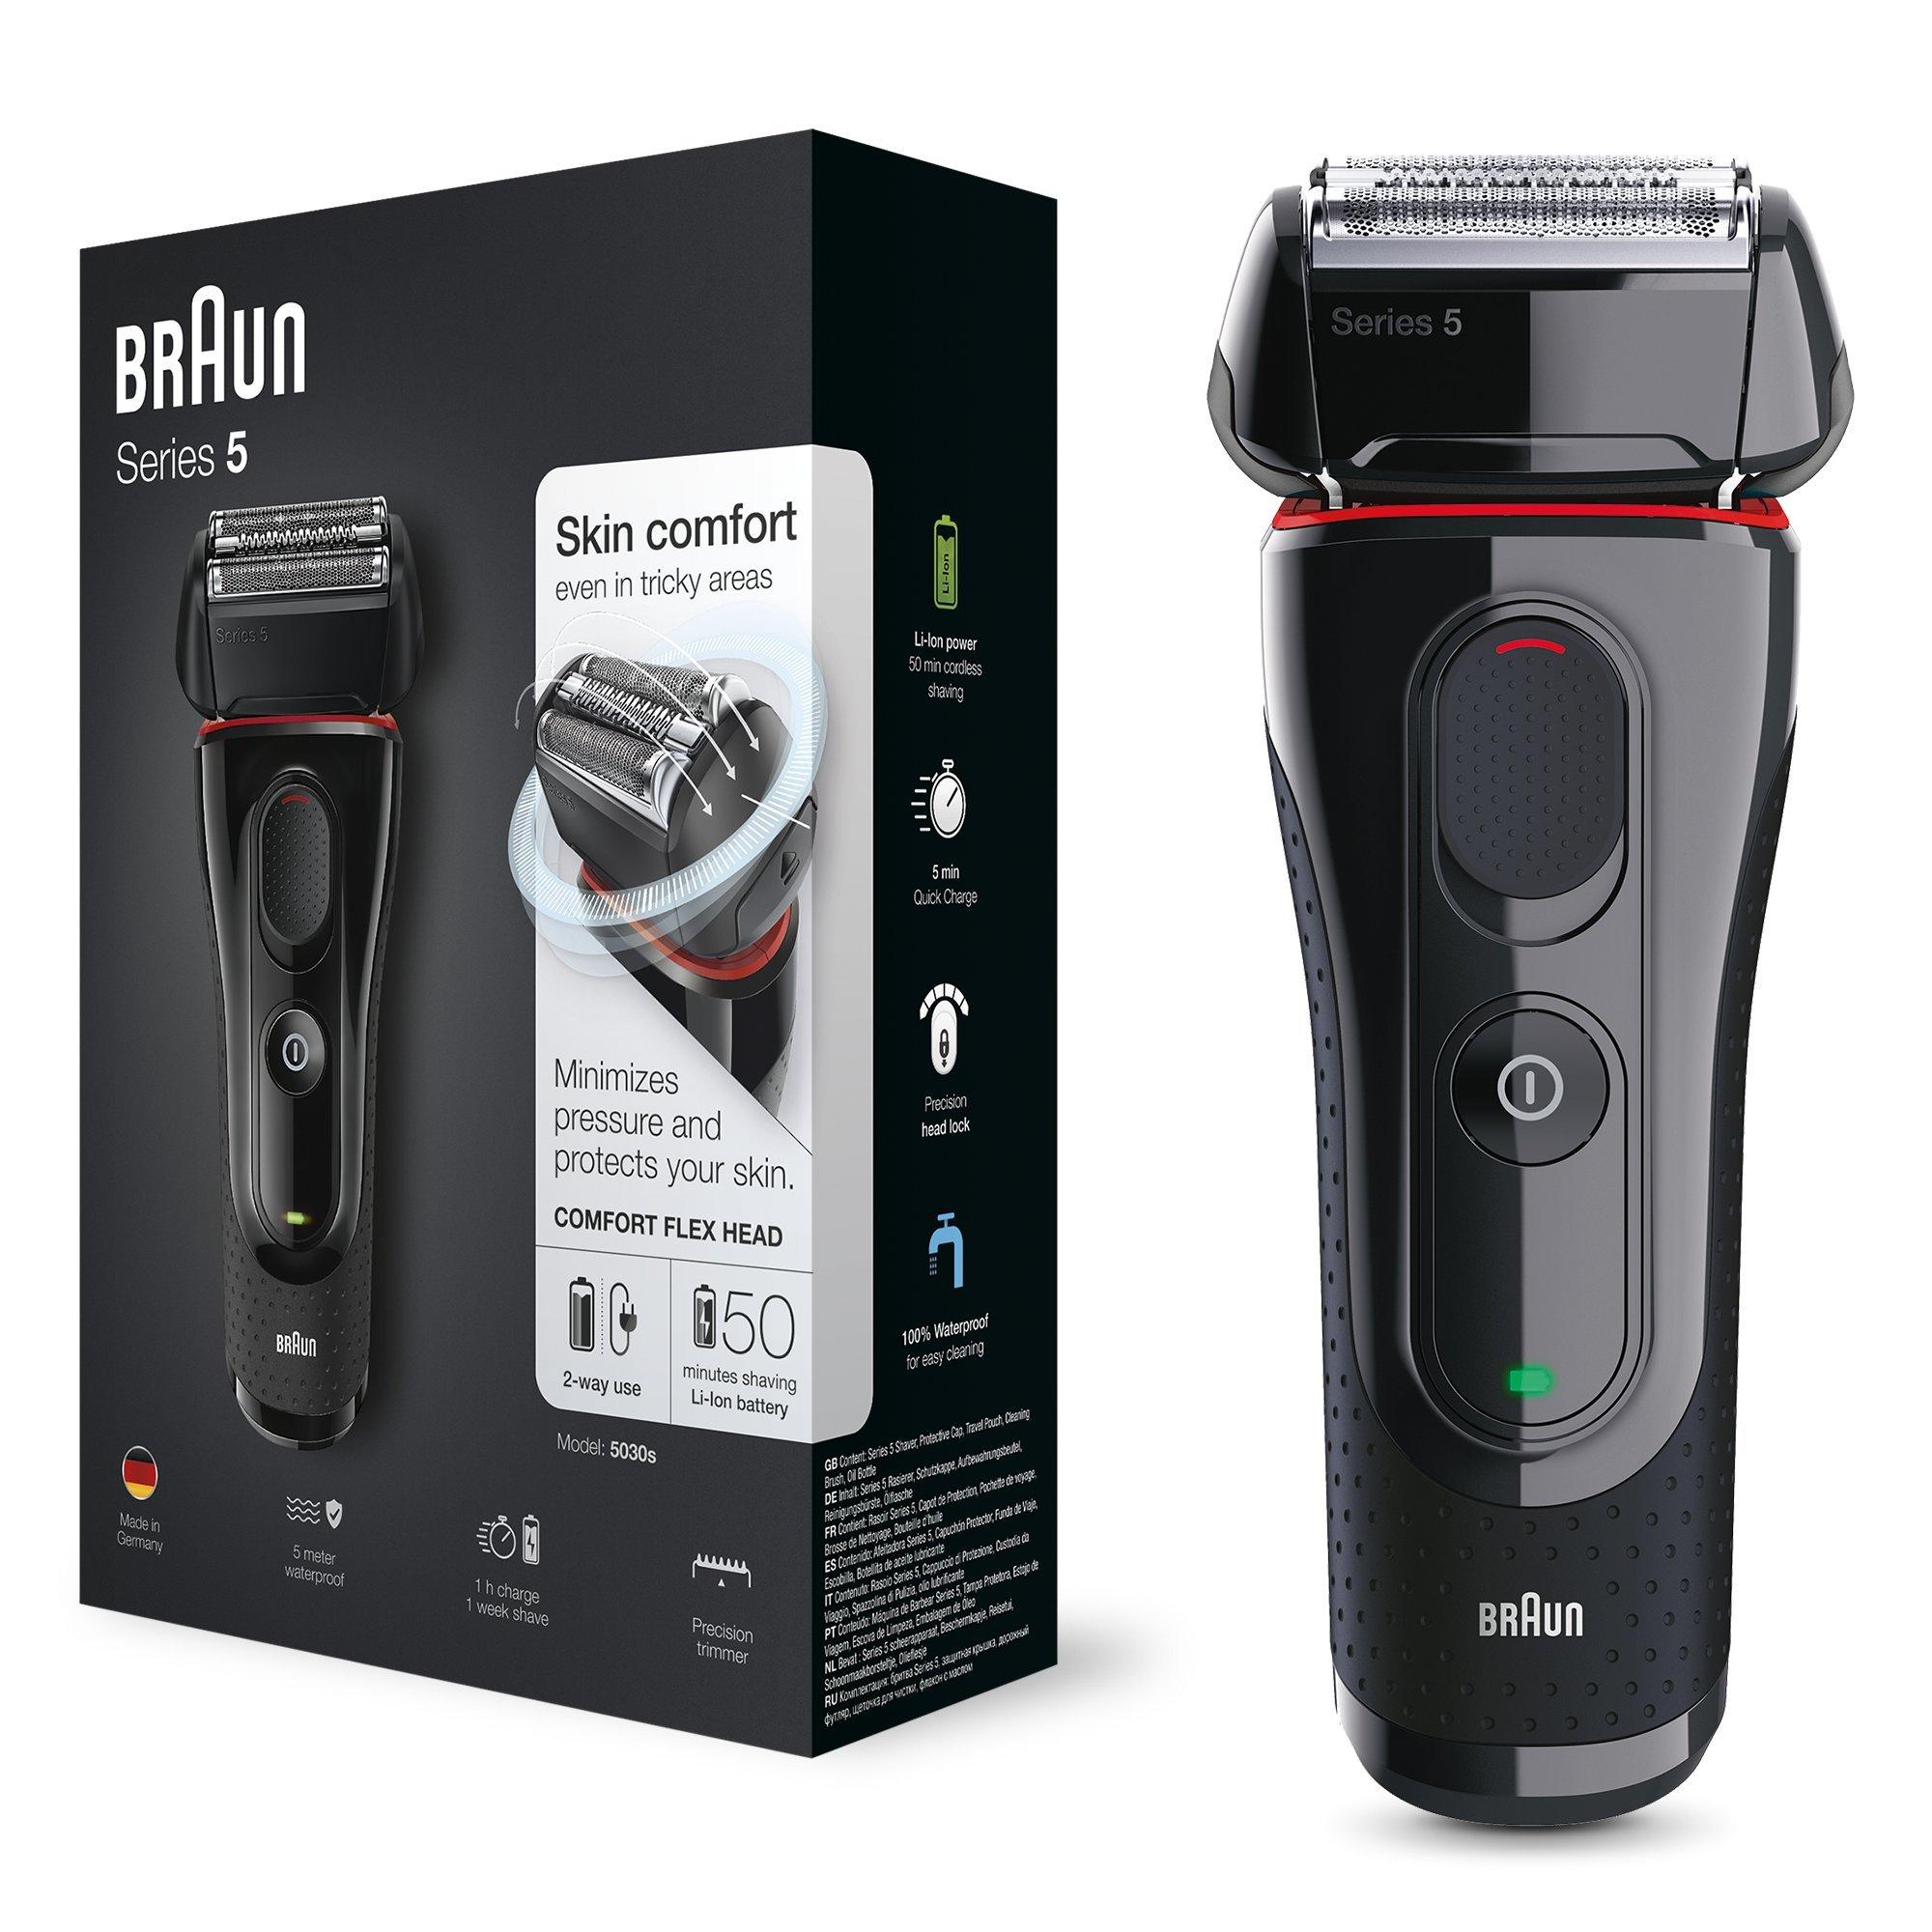 Braun Series 5 5030 s Afeitadora Eléctrica Hombre, Afeitadora Barba, Recortador de Precisión Extraíble, Recargable e Inalámbrica, Negro/Rojo product image